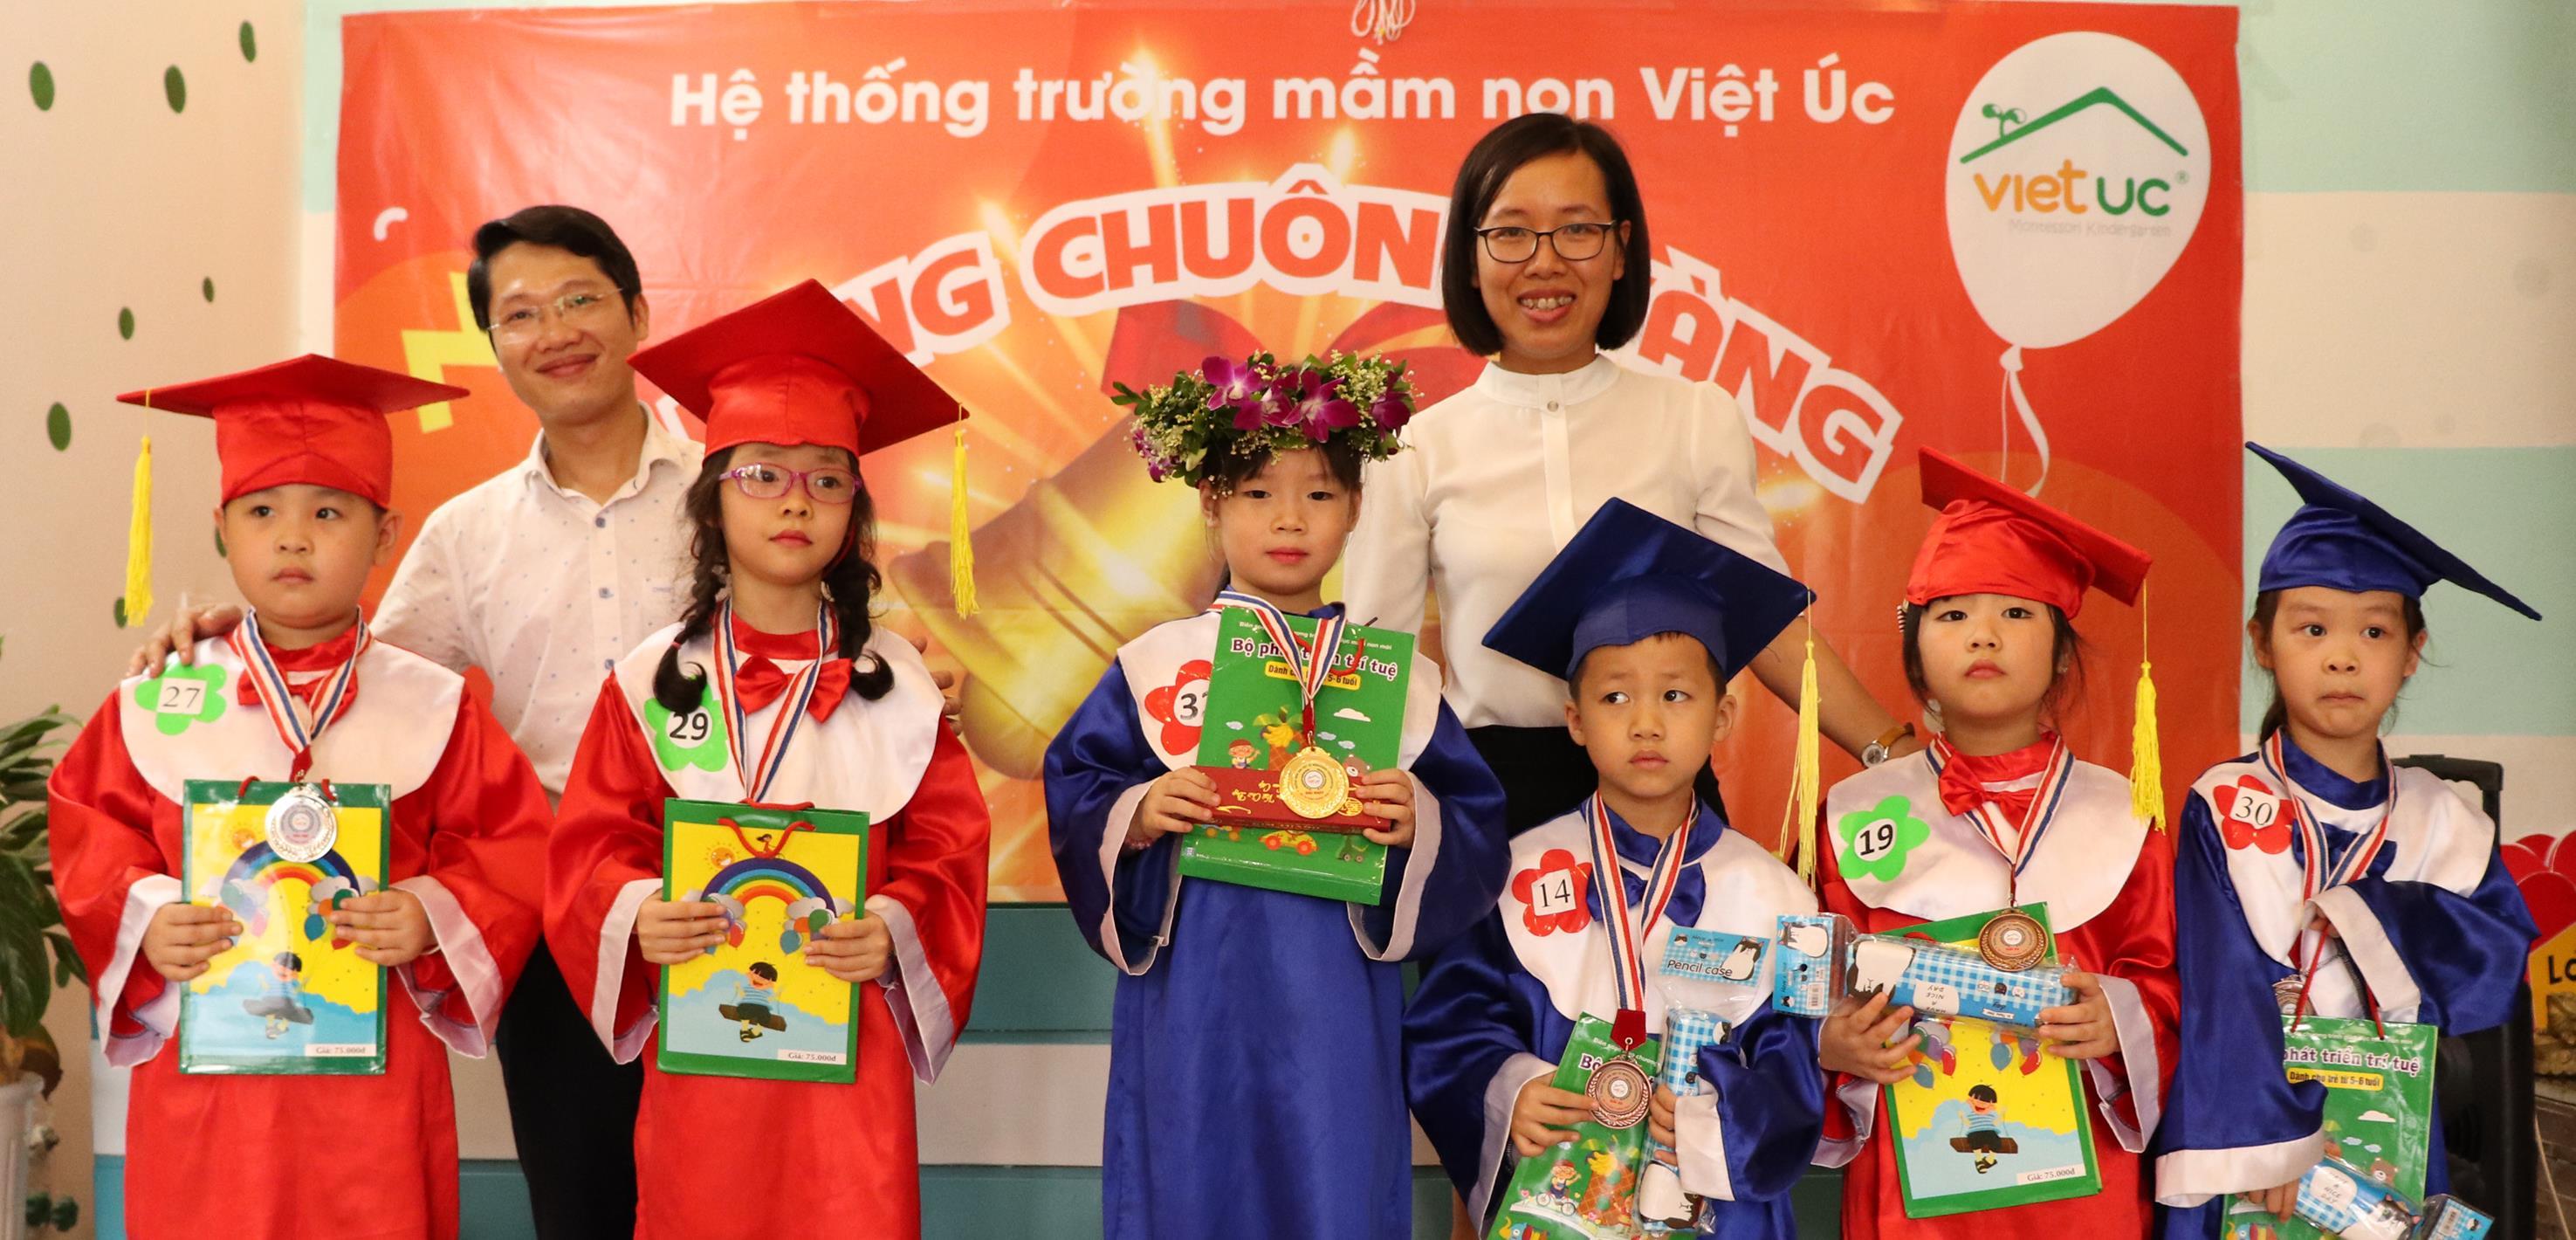 Ngoại khóa Tháng 04/2019 Việt Úc - Cuộc thi Rung Chuông Vàng